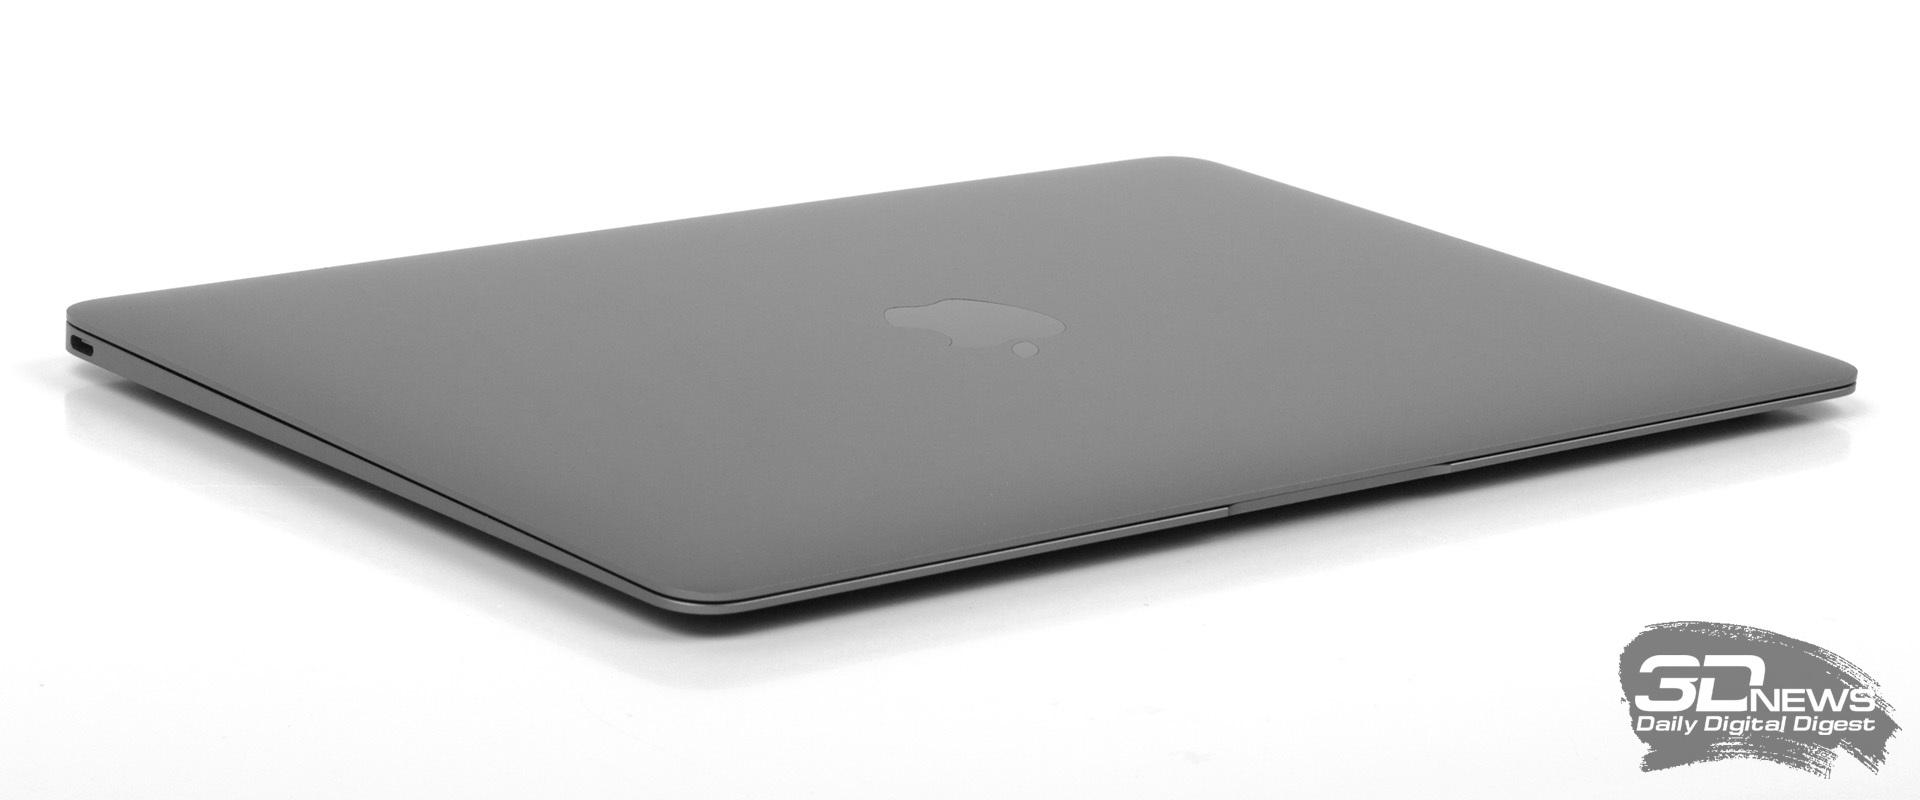 инструкция калибровки матрицы на macbook air